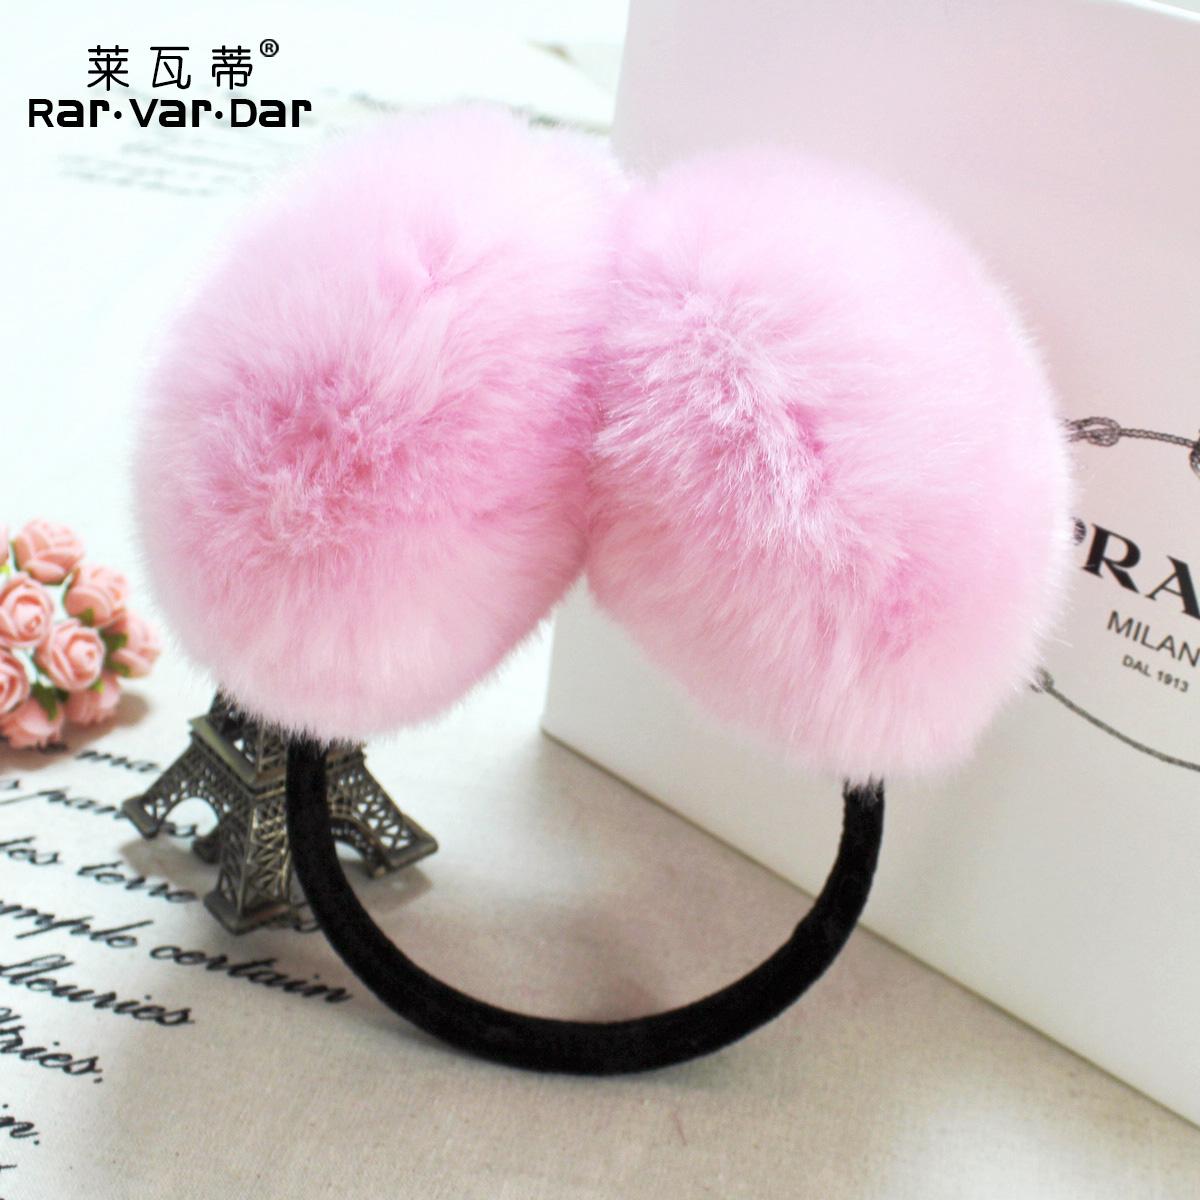 新款仿兔毛耳套时尚保暖毛毛女耳罩狐狸毛耳捂耳暖护耳耳罩耳包冬 价格:9.90